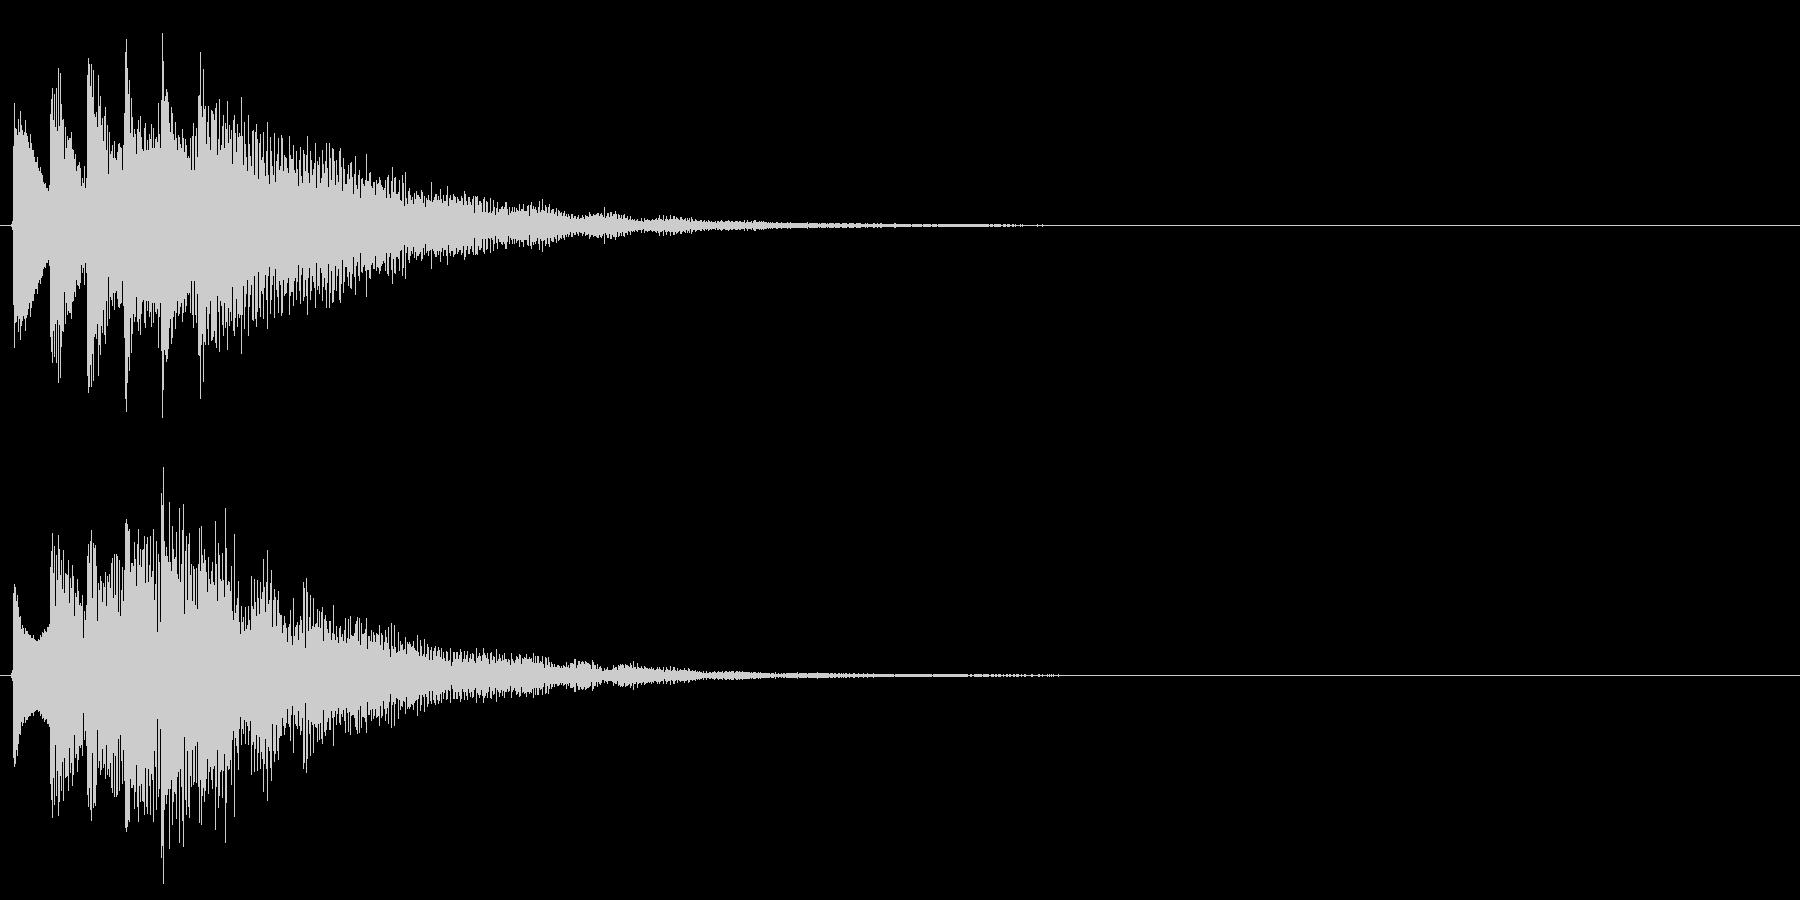 タララララン↓(場面転換、下降)の未再生の波形